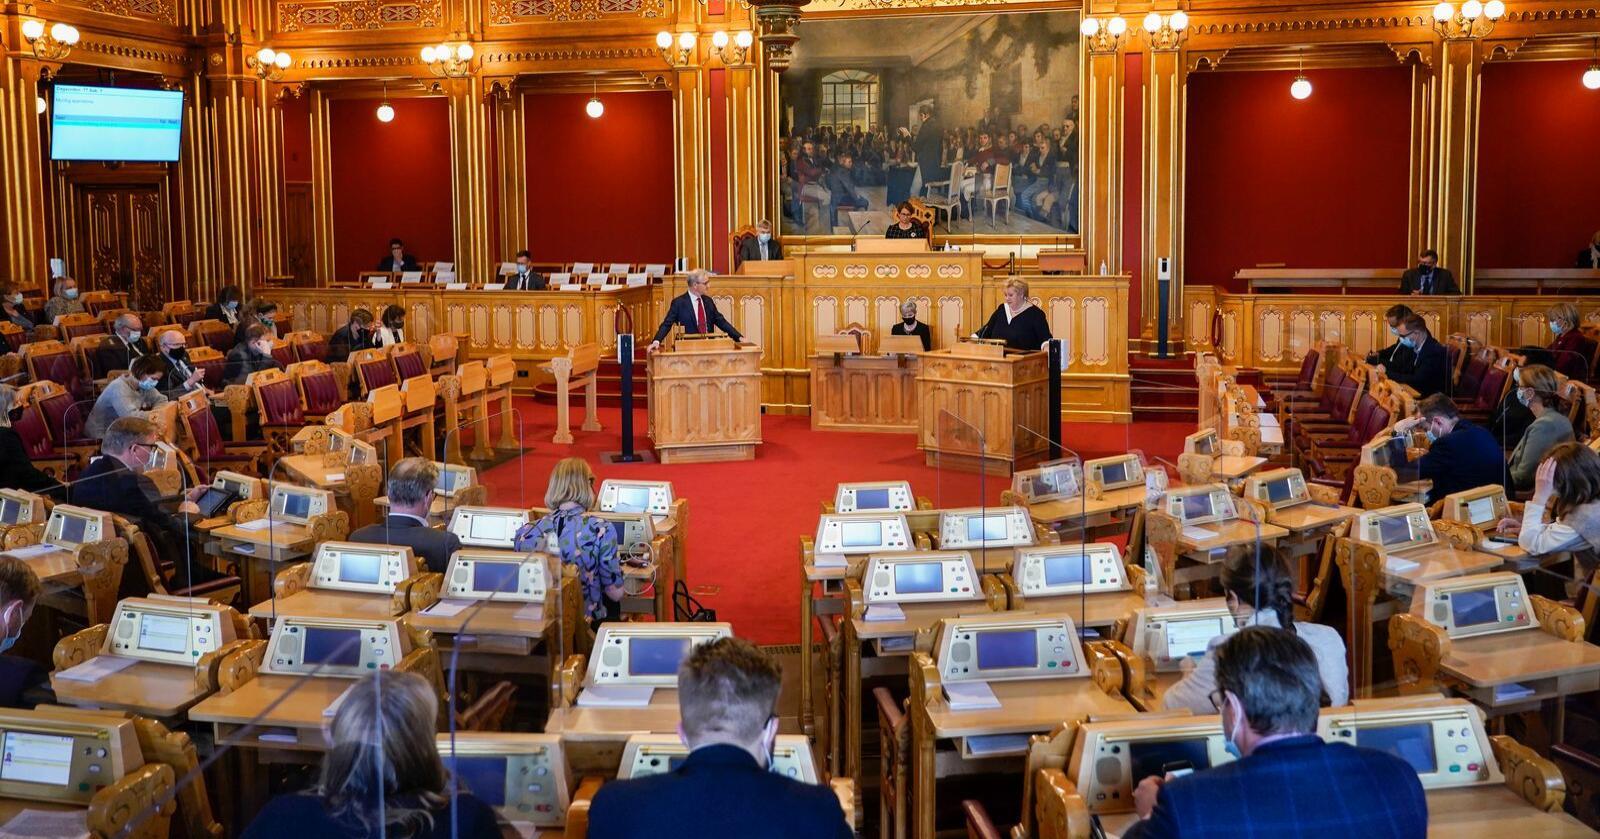 Mange nye fjes kan komme inn på Stortinget til høsten – og kjente ansikter forsvinner. Foto: Lise Åserud / NTB